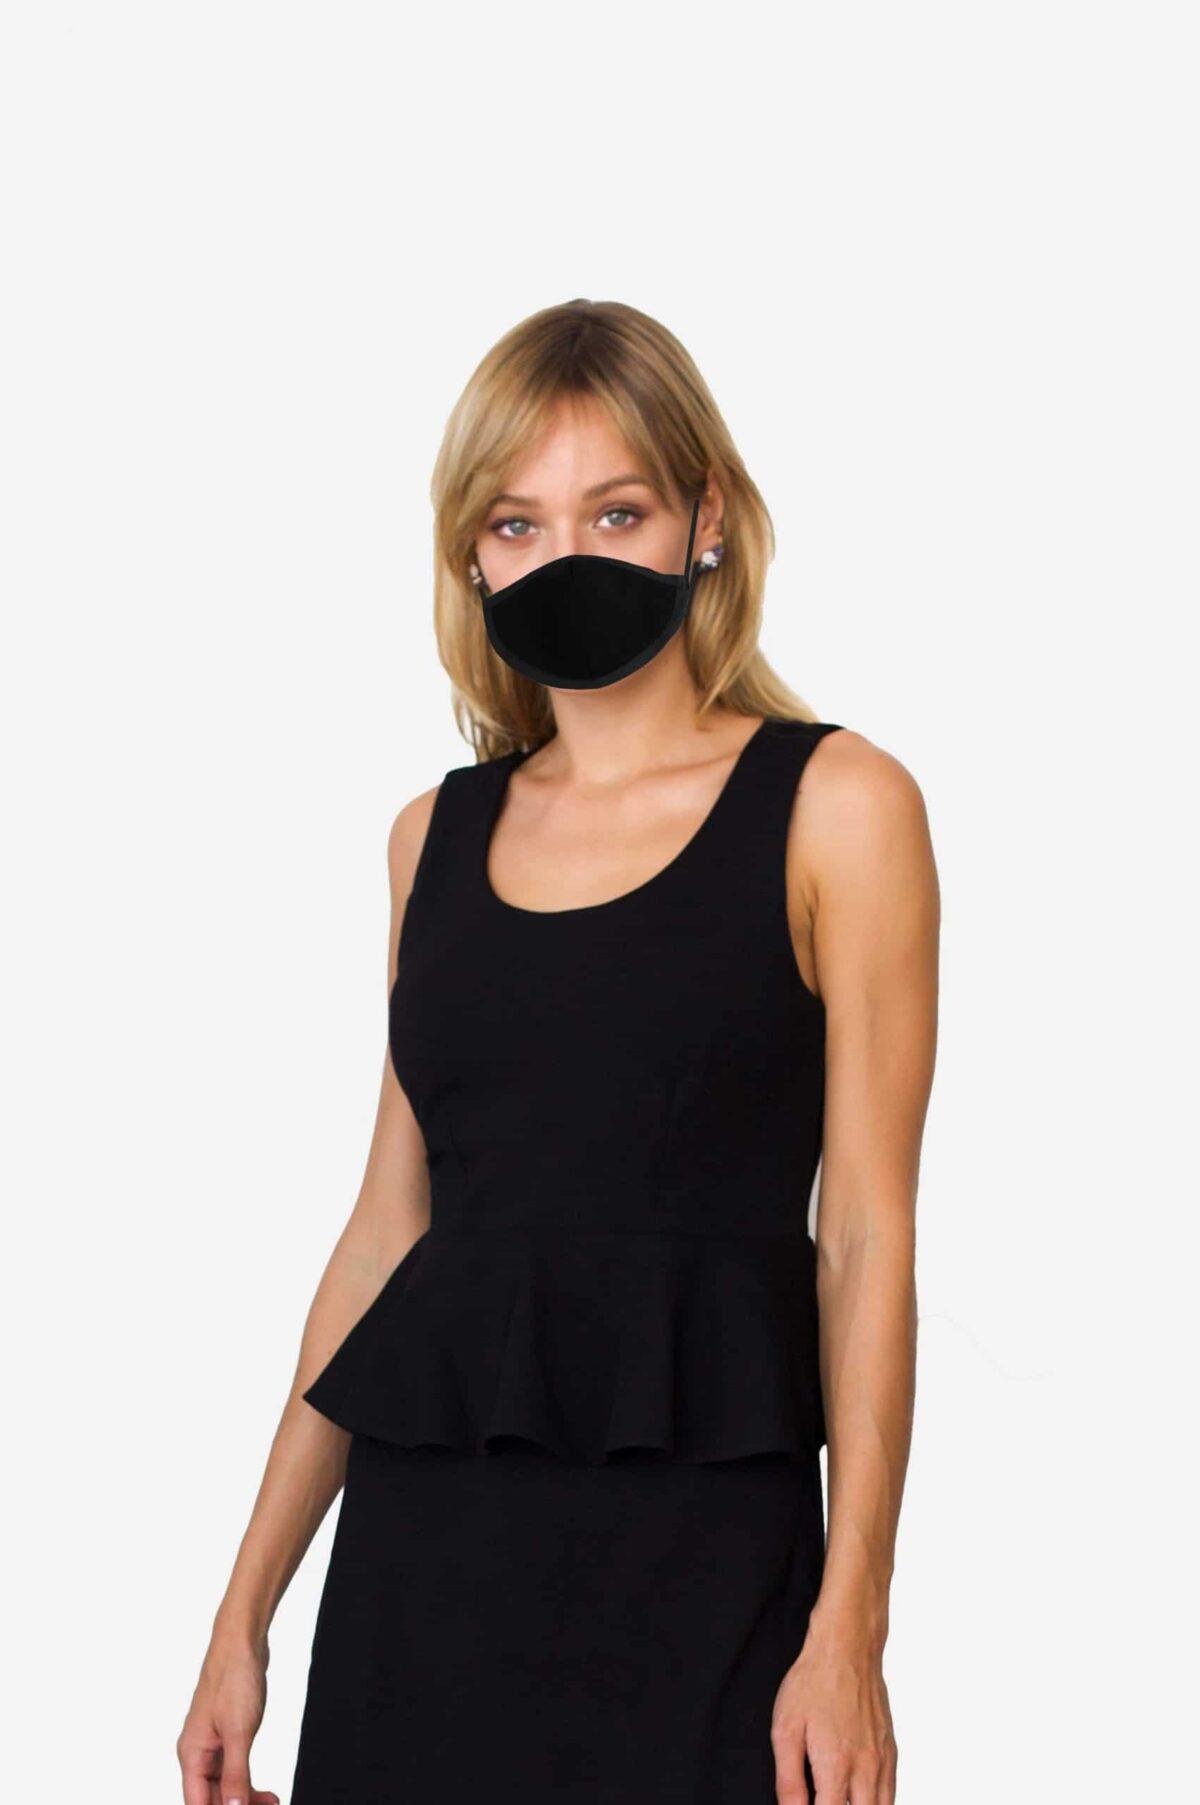 Mund-Nase-Maske von SANOGE Gesichtsmaske Mundschutz Made in Germany in schwarz